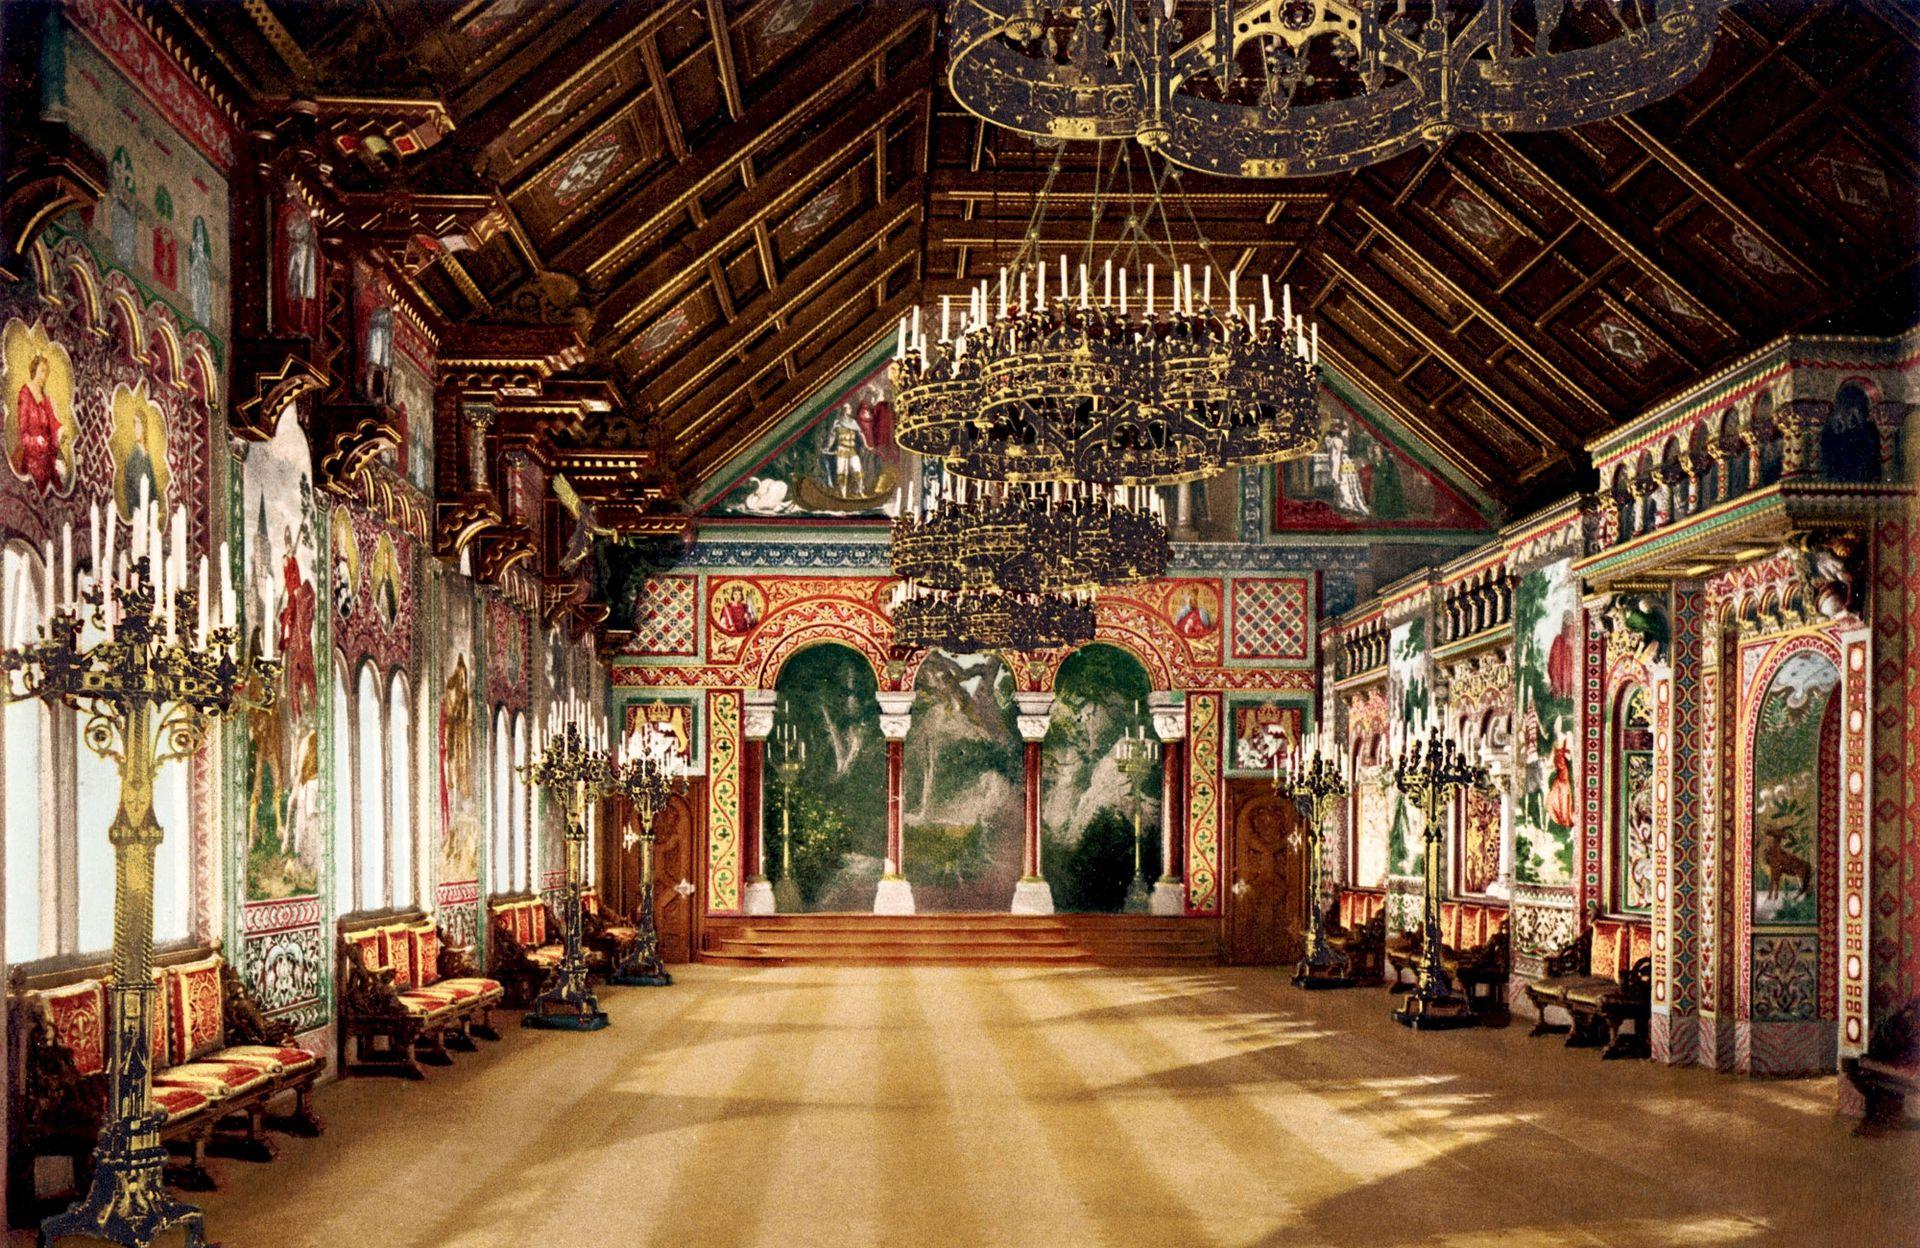 La sala de cantores de Neuschwanstein.